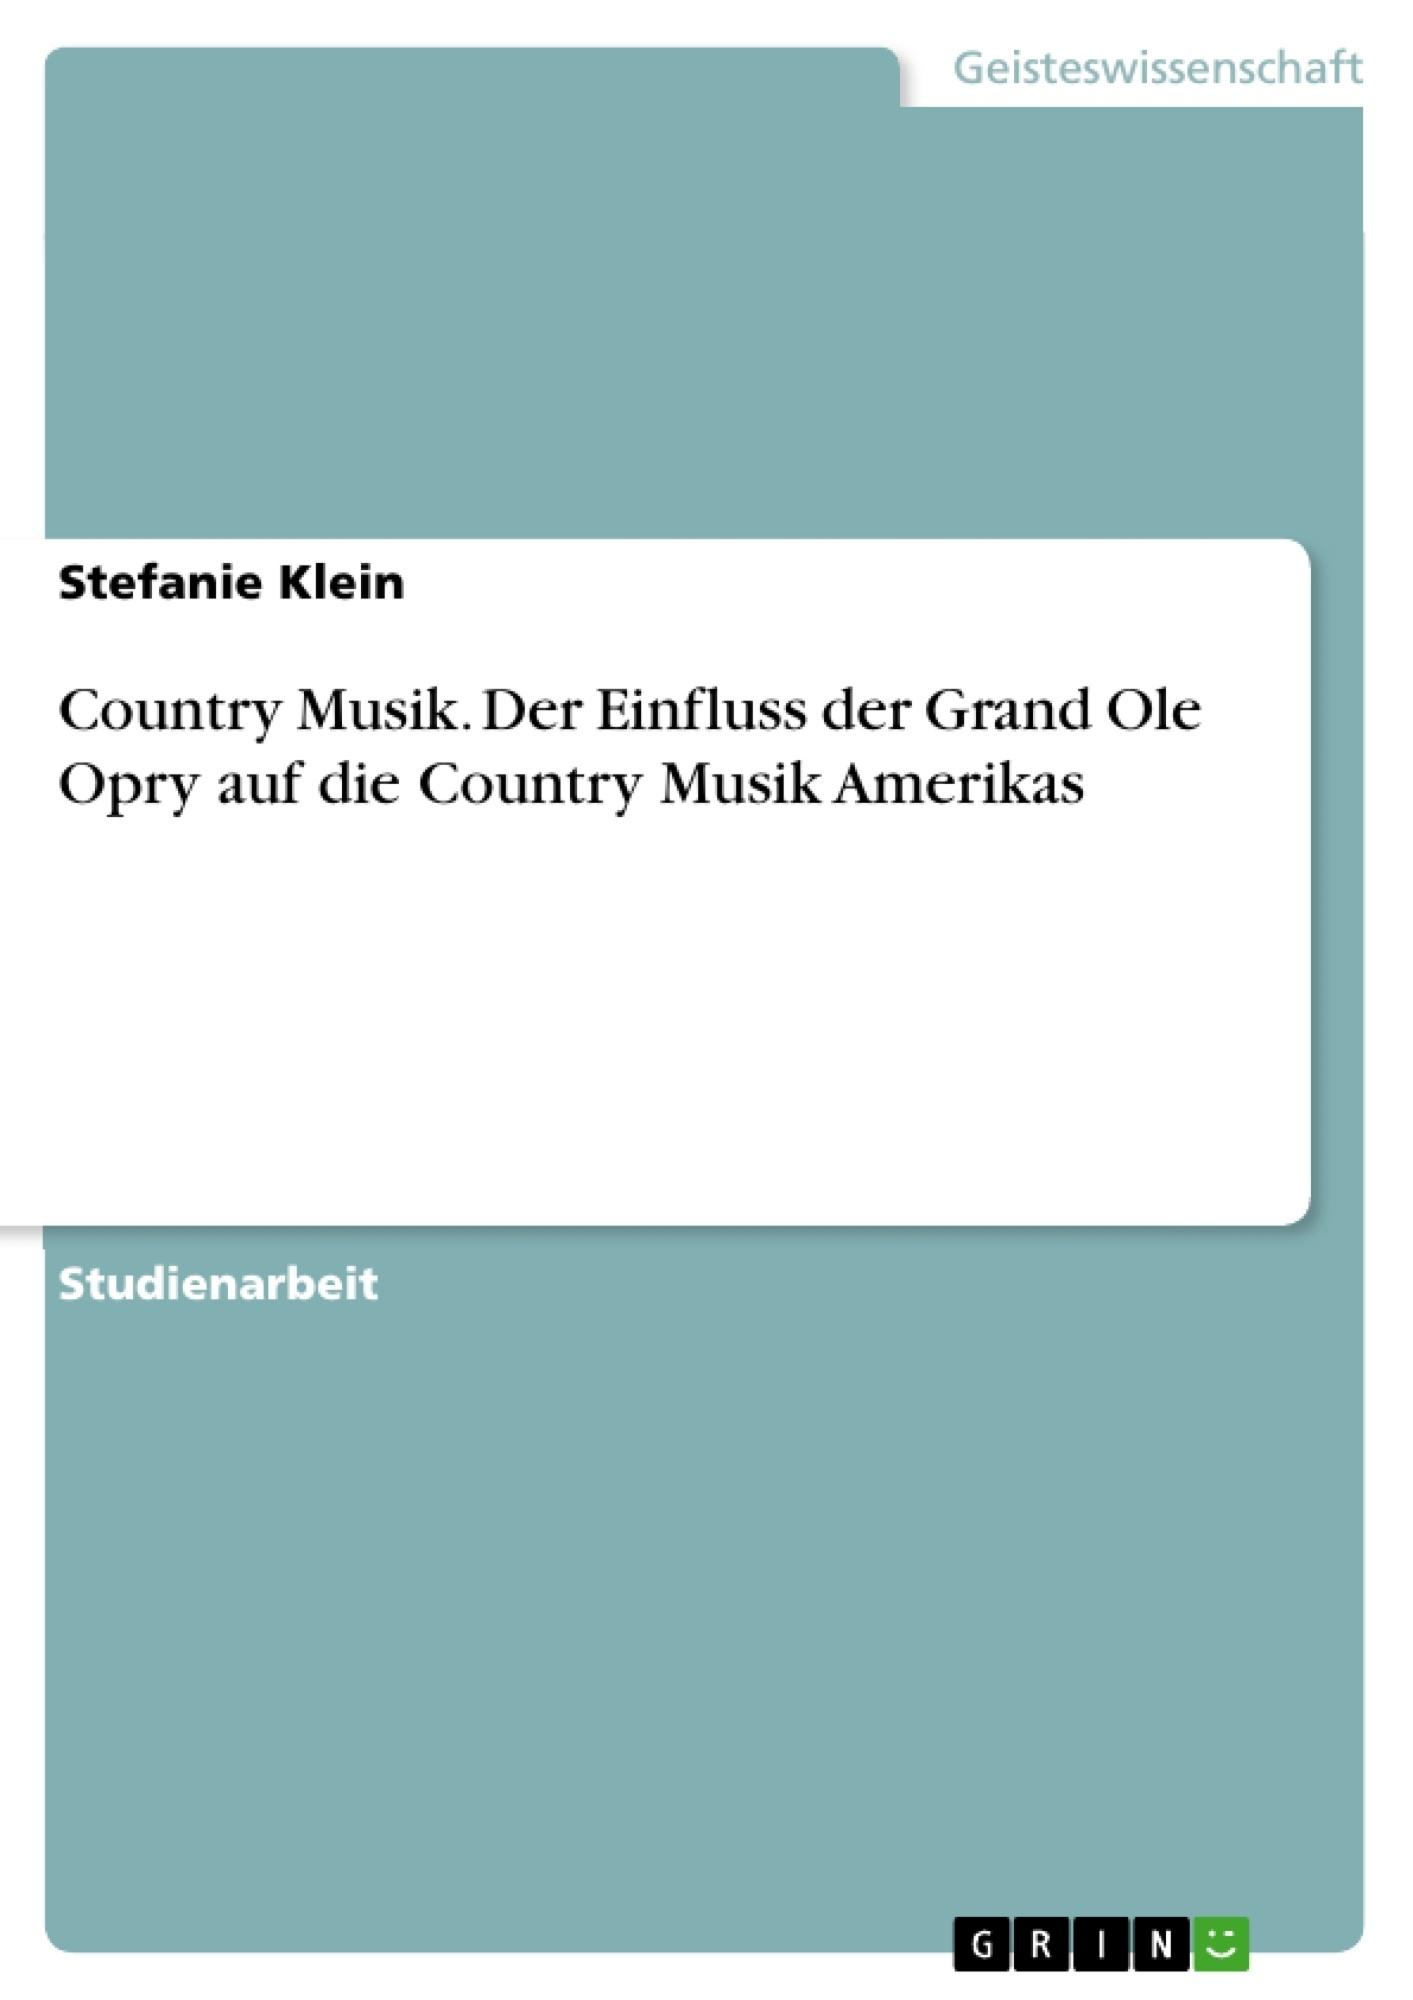 Titel: Country Musik. Der Einfluss der Grand Ole Opry auf die Country Musik Amerikas